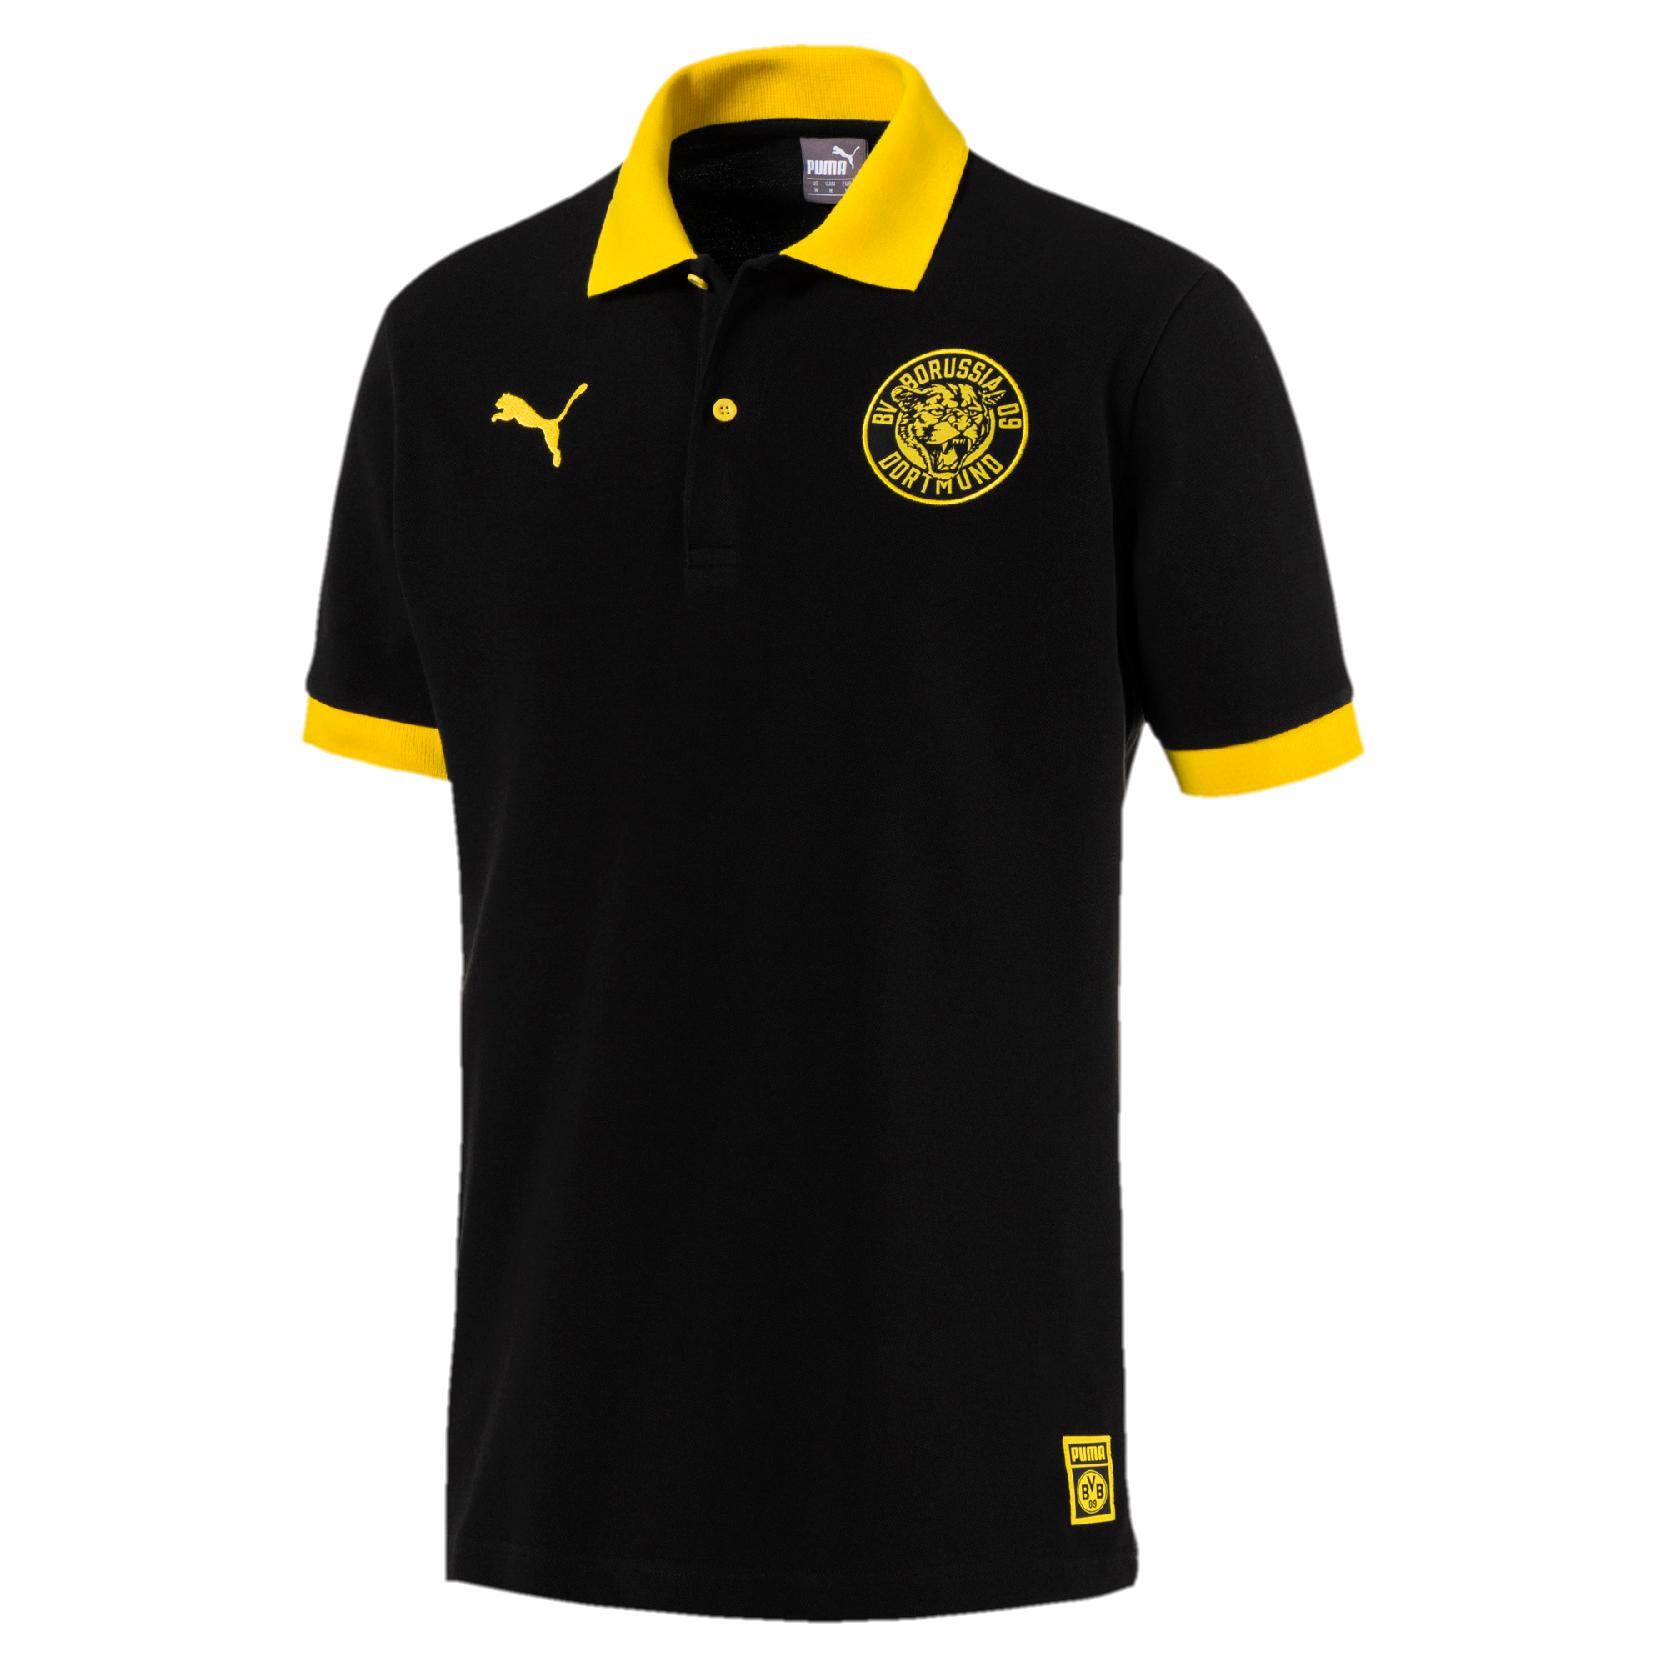 Puma Herren Poloshirts für 14,99€ inkl. Versand